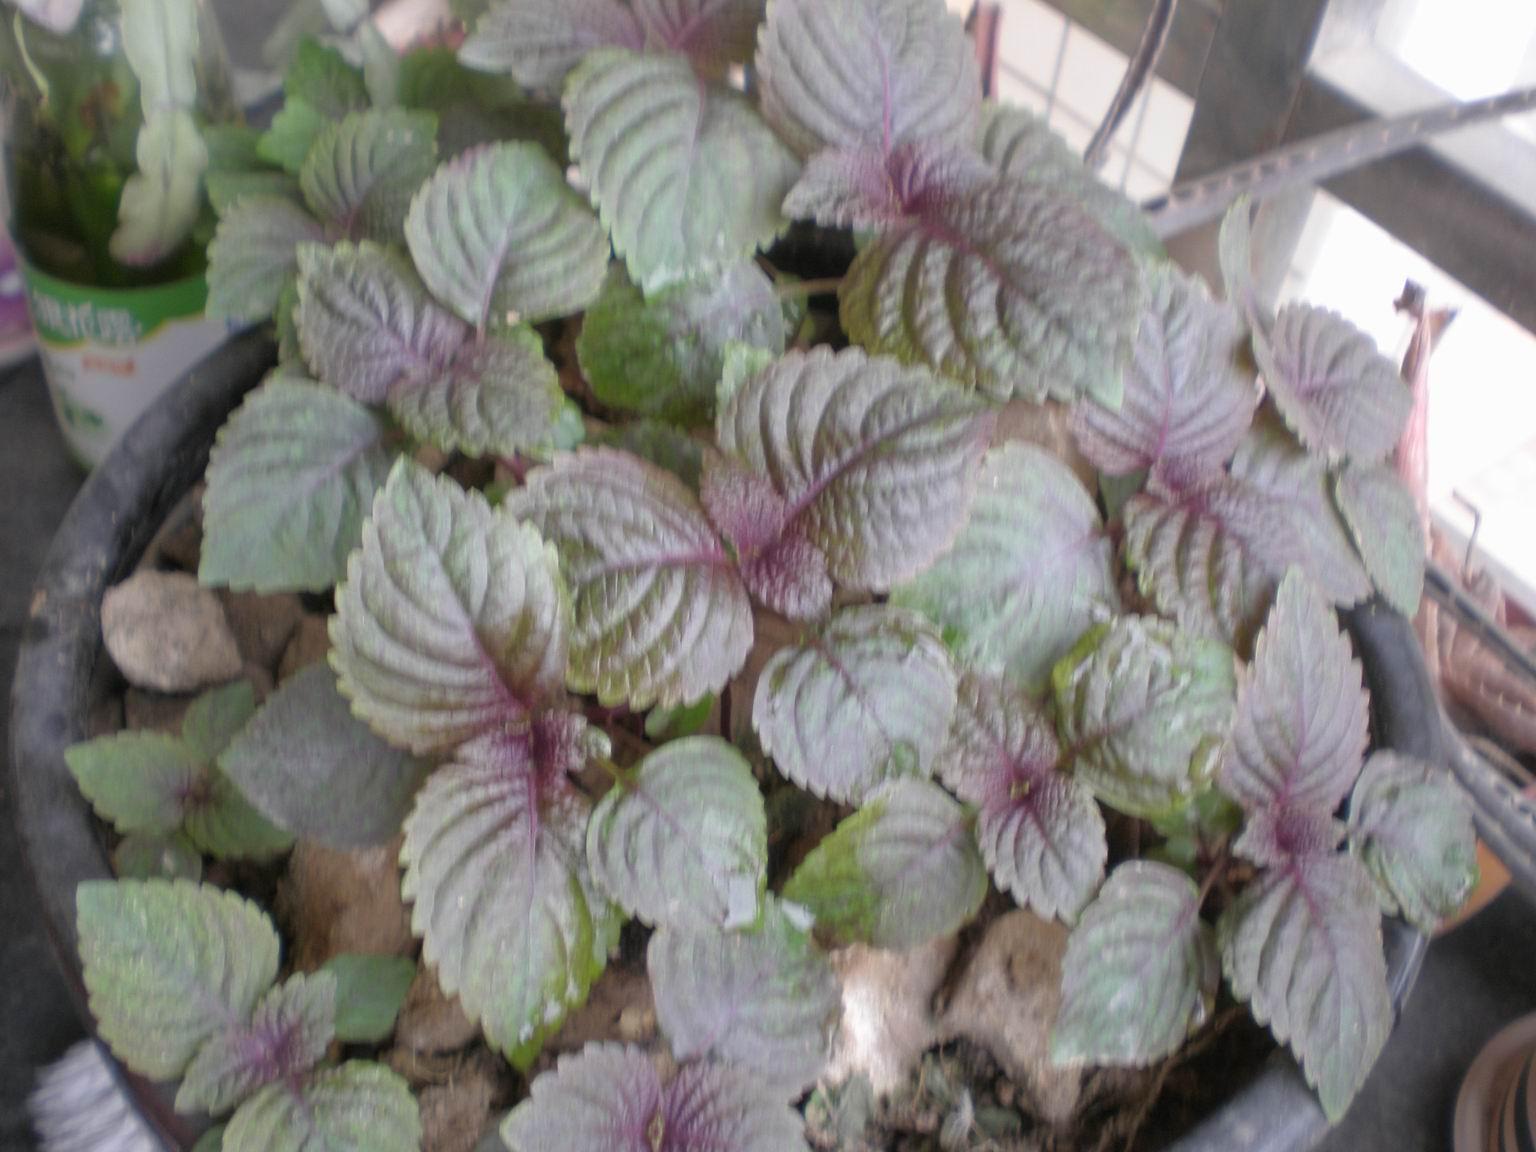 刚发芽的紫苏照片